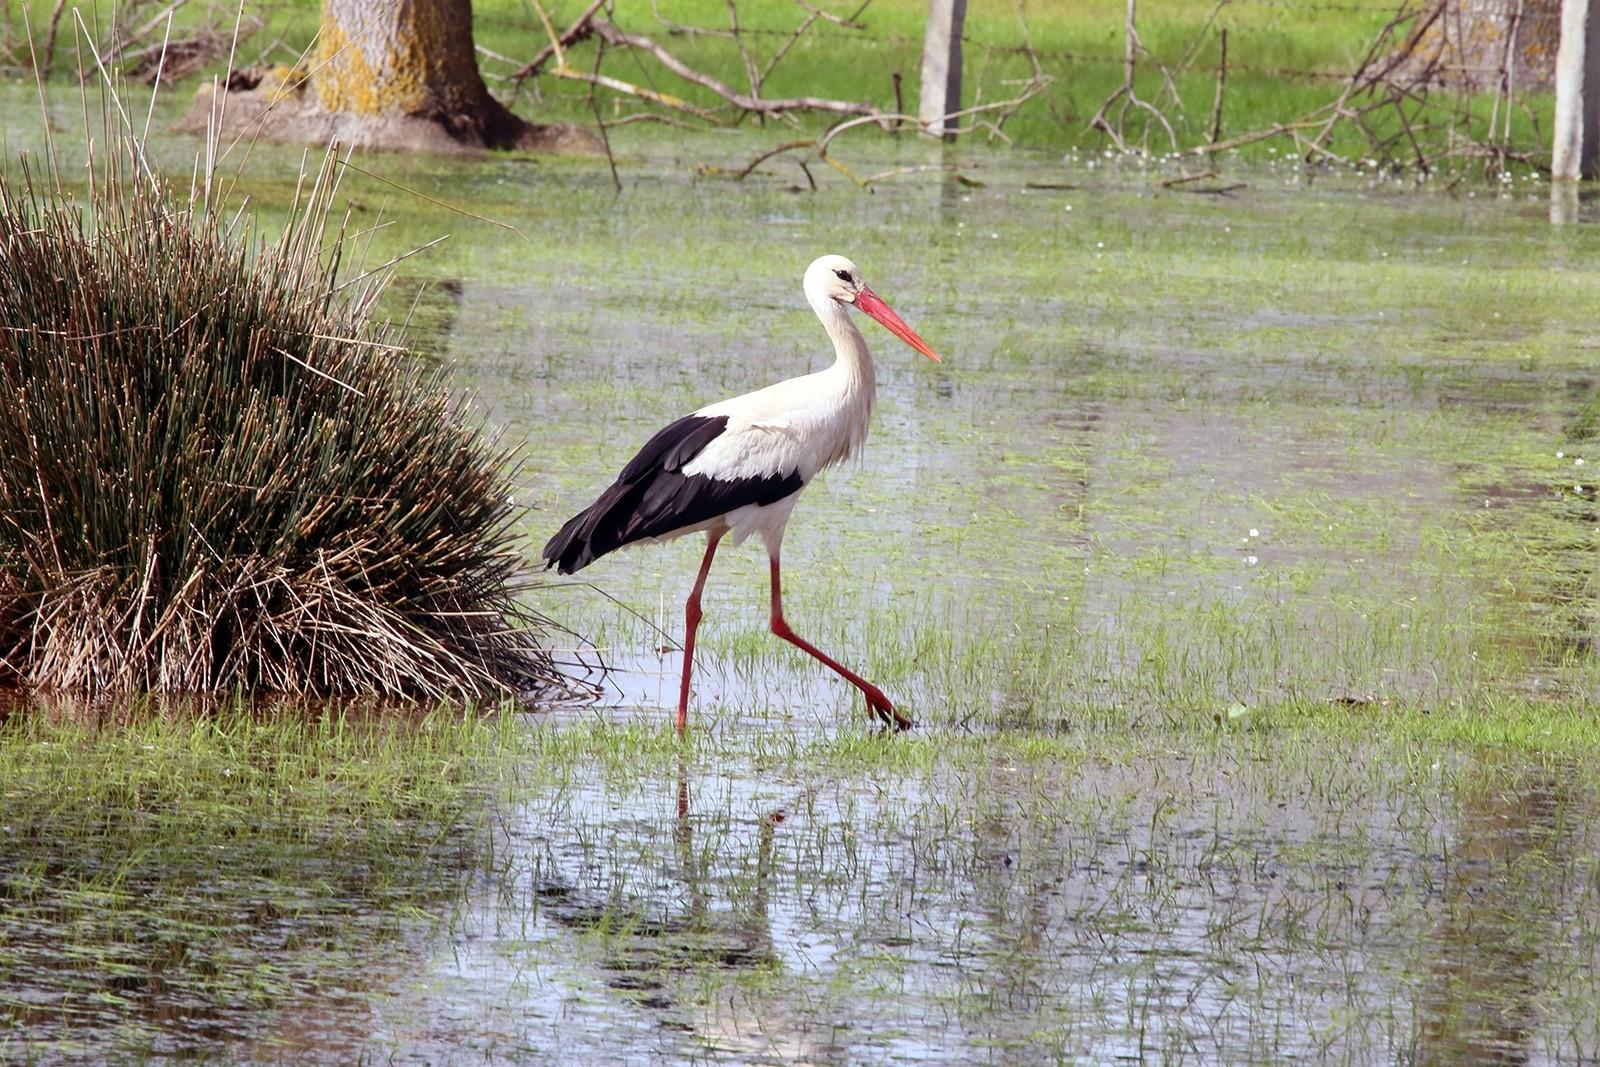 Kızılırmak Delta Wetland and Bird Sanctuary springs to life